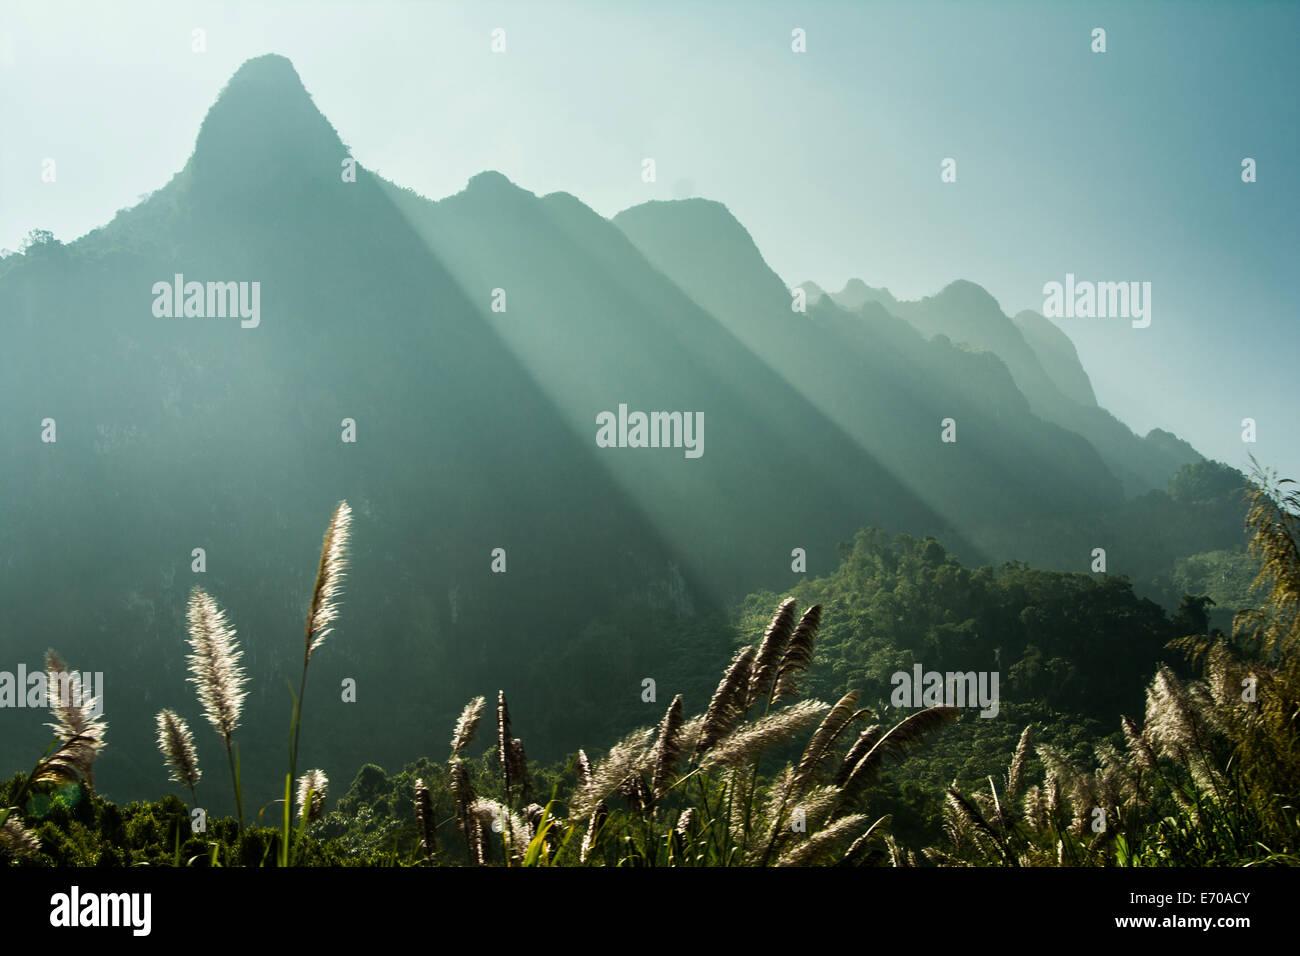 Il bellissimo paesaggio in Laos con picchi di montagna in background. Immagini Stock